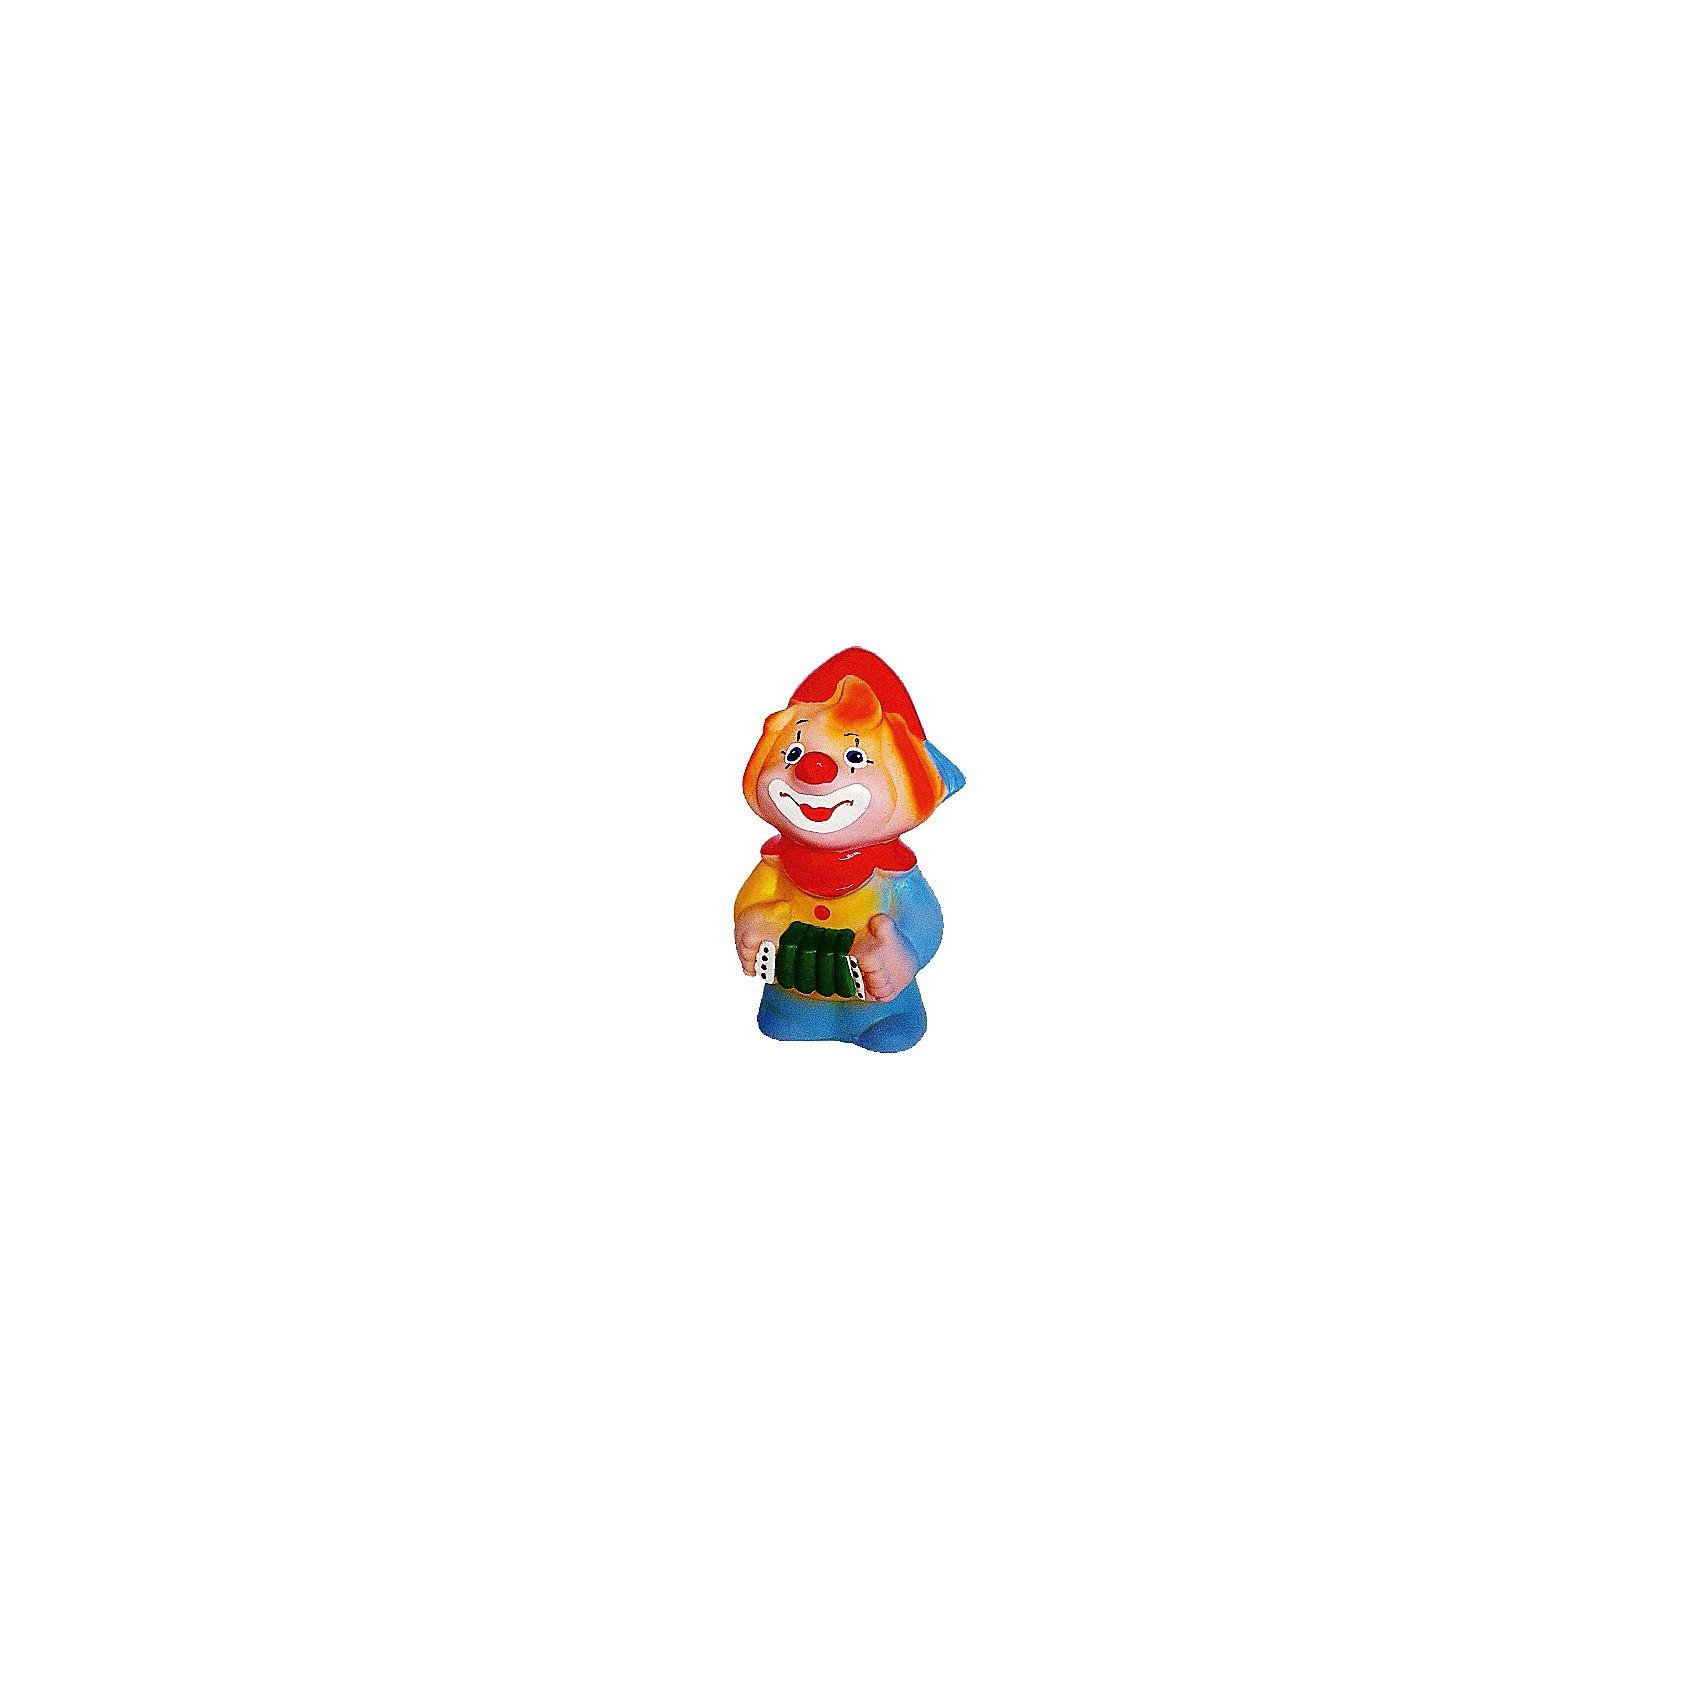 Клоун с гармошкой, КудесникиКлоун с гармошкой, Кудесники<br><br>Характеристики:<br><br>• Материал: ПВХ.<br>• Размер: 14 см.<br>• Вес: 76г.<br> <br>Отличная игрушка из мягкого ПВХ надолго займет внимания вашего малыша. Эта игрушка поможет малышу при прорезывании зубов, поможет развивать моторику рук, знакомить с формой, цветом, образами. Также с ней можно забавно поиграть в ванной. Яркий образ поможет ребенку придумывать различные сюжетно-ролевые игры.<br><br>Клоуна с гармошкой, Кудесники, можно купить в нашем интернет – магазине.<br><br>Ширина мм: 50<br>Глубина мм: 70<br>Высота мм: 130<br>Вес г: 77<br>Возраст от месяцев: 12<br>Возраст до месяцев: 36<br>Пол: Унисекс<br>Возраст: Детский<br>SKU: 4896472